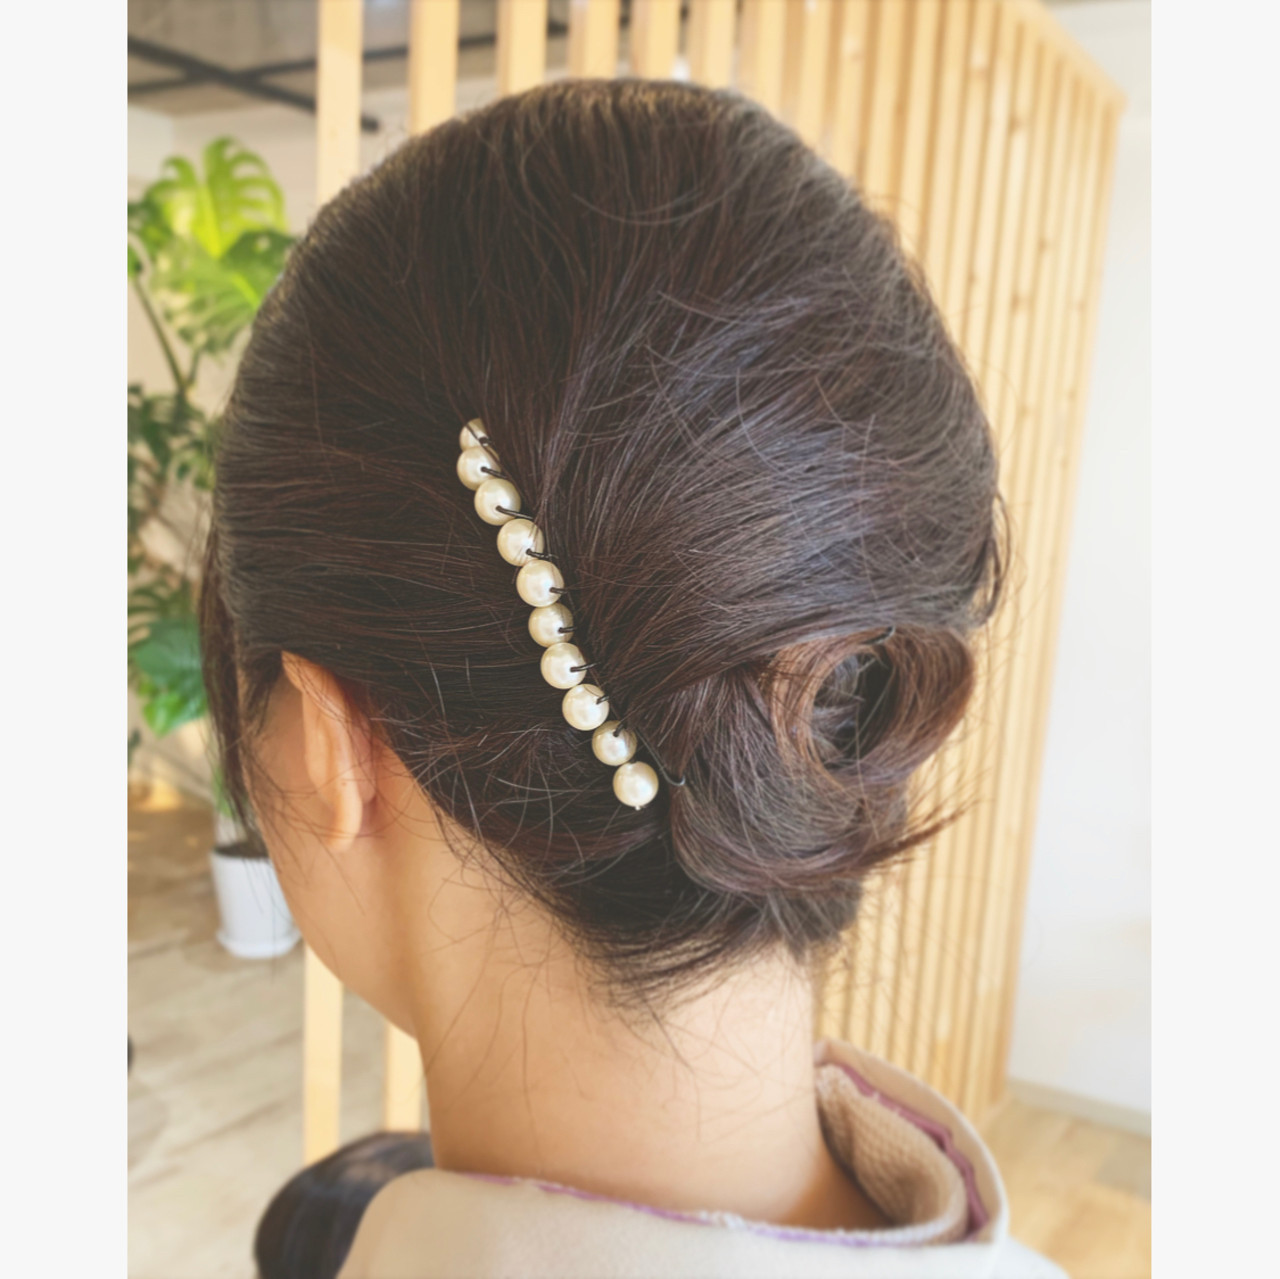 エレガント ヘアアレンジ 和装髪型 和装ヘア ヘアスタイルや髪型の写真・画像